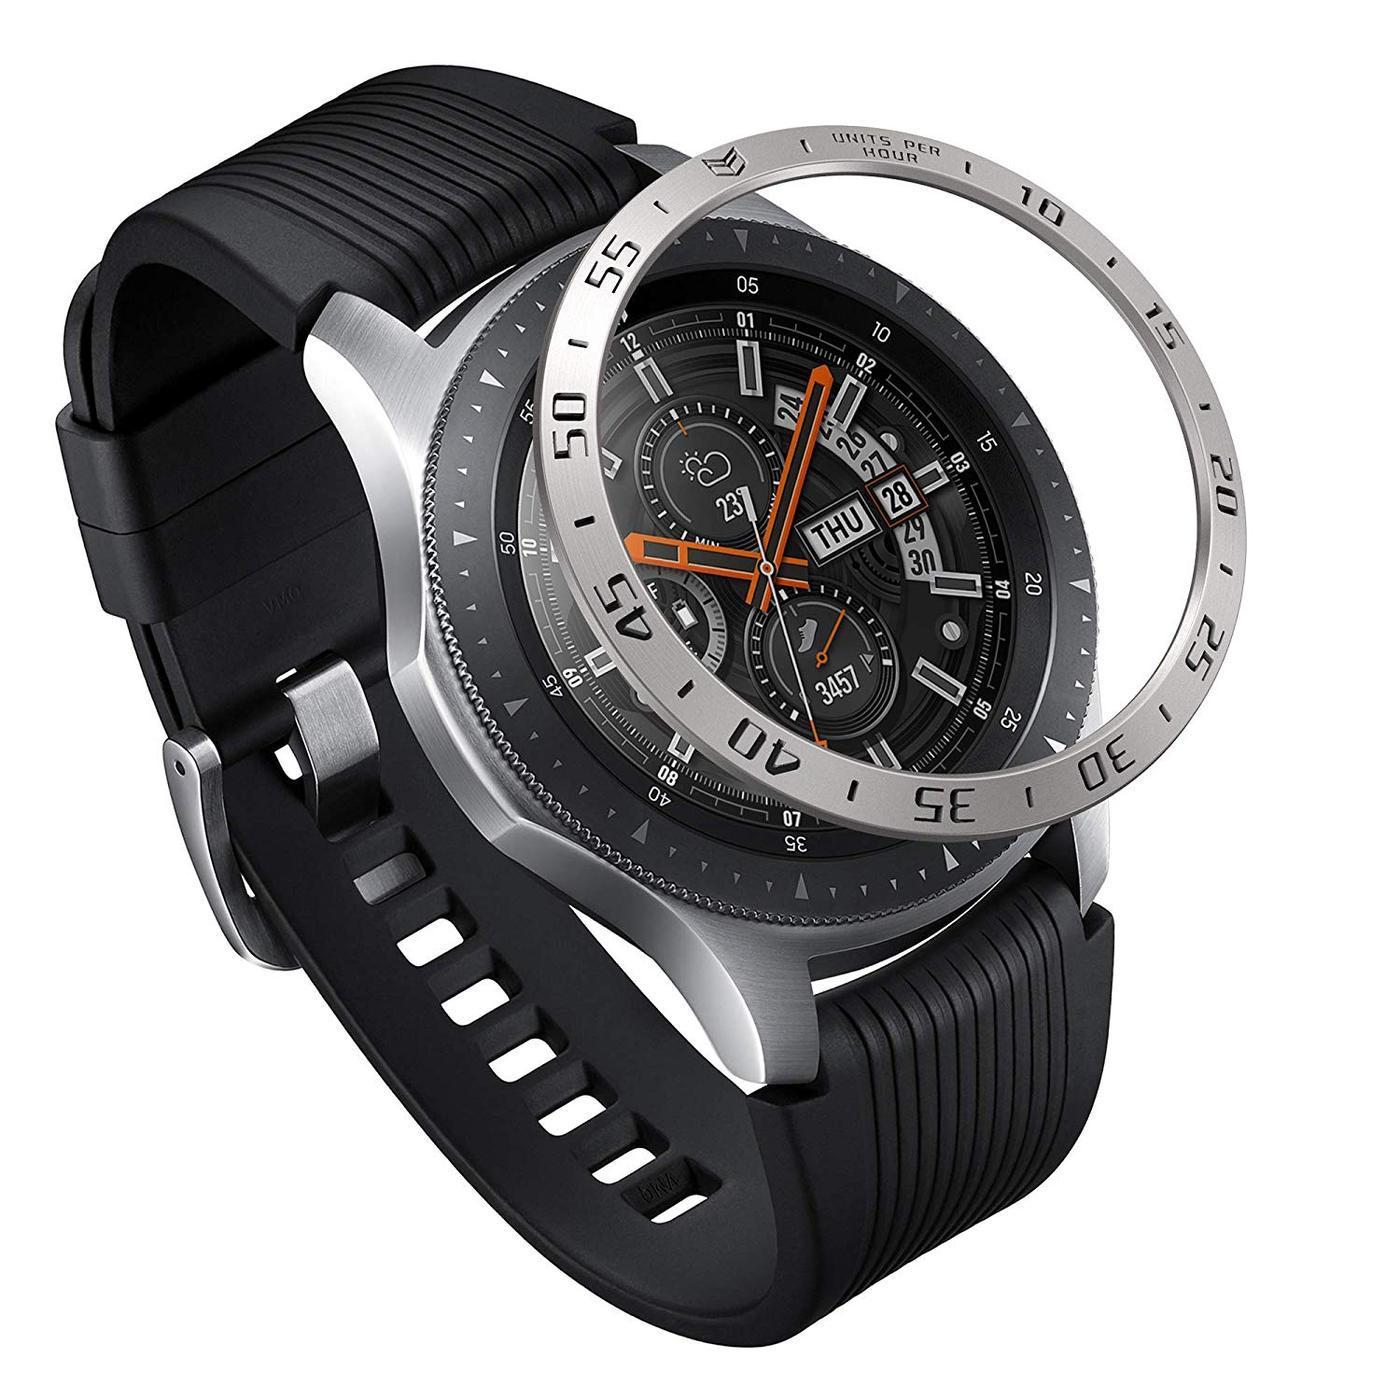 Bezel Styling Galaxy Watch 46mm/Gear S3 Silver